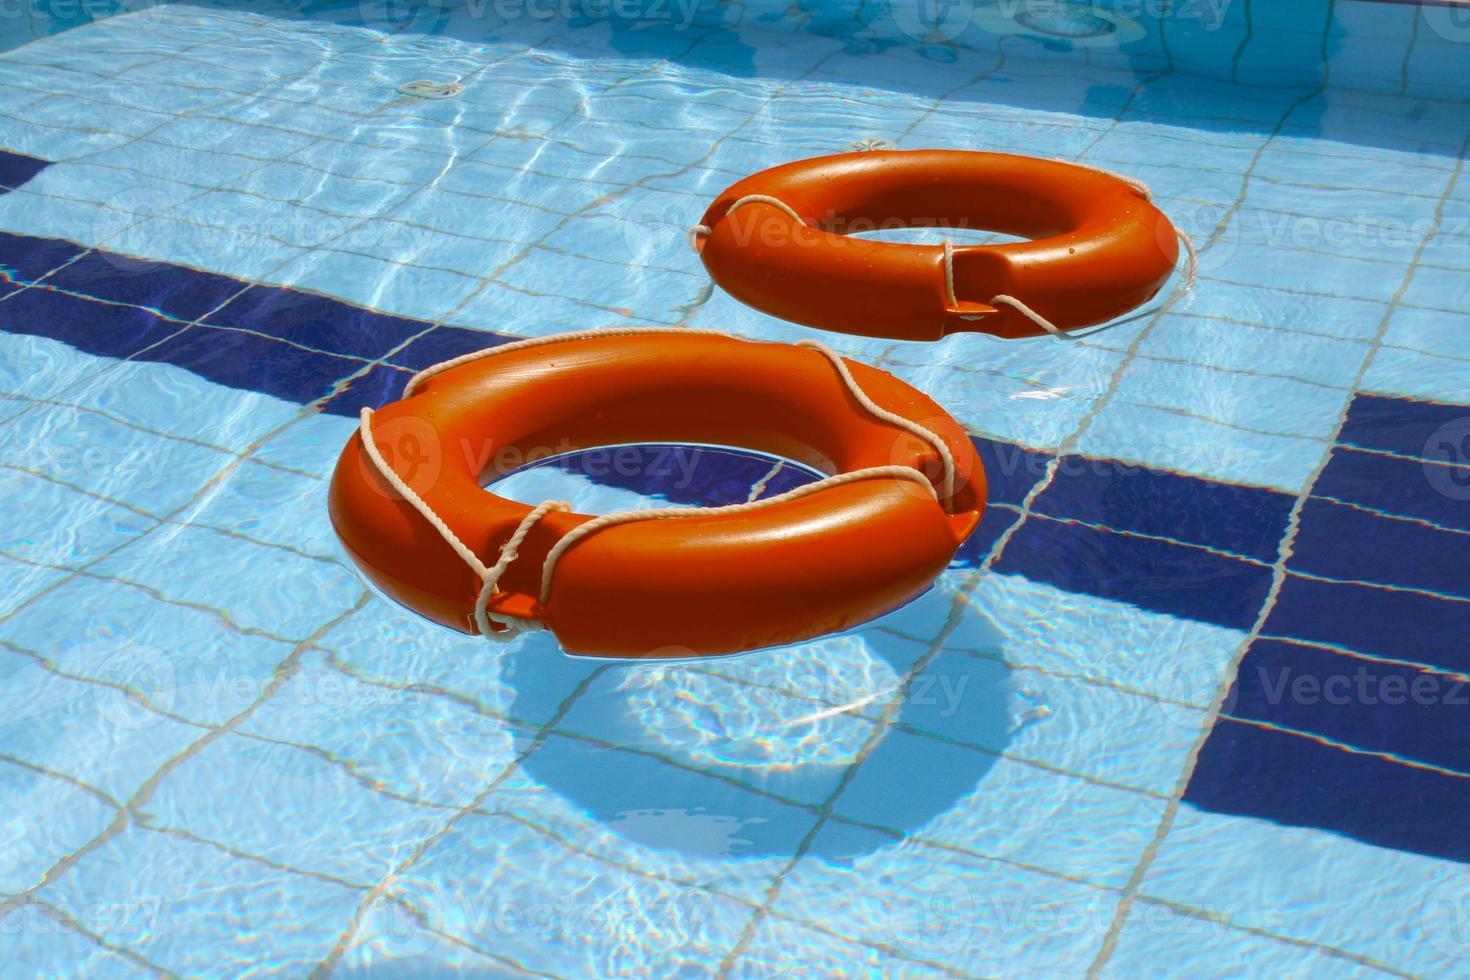 twee reddingsboei in zwembad foto